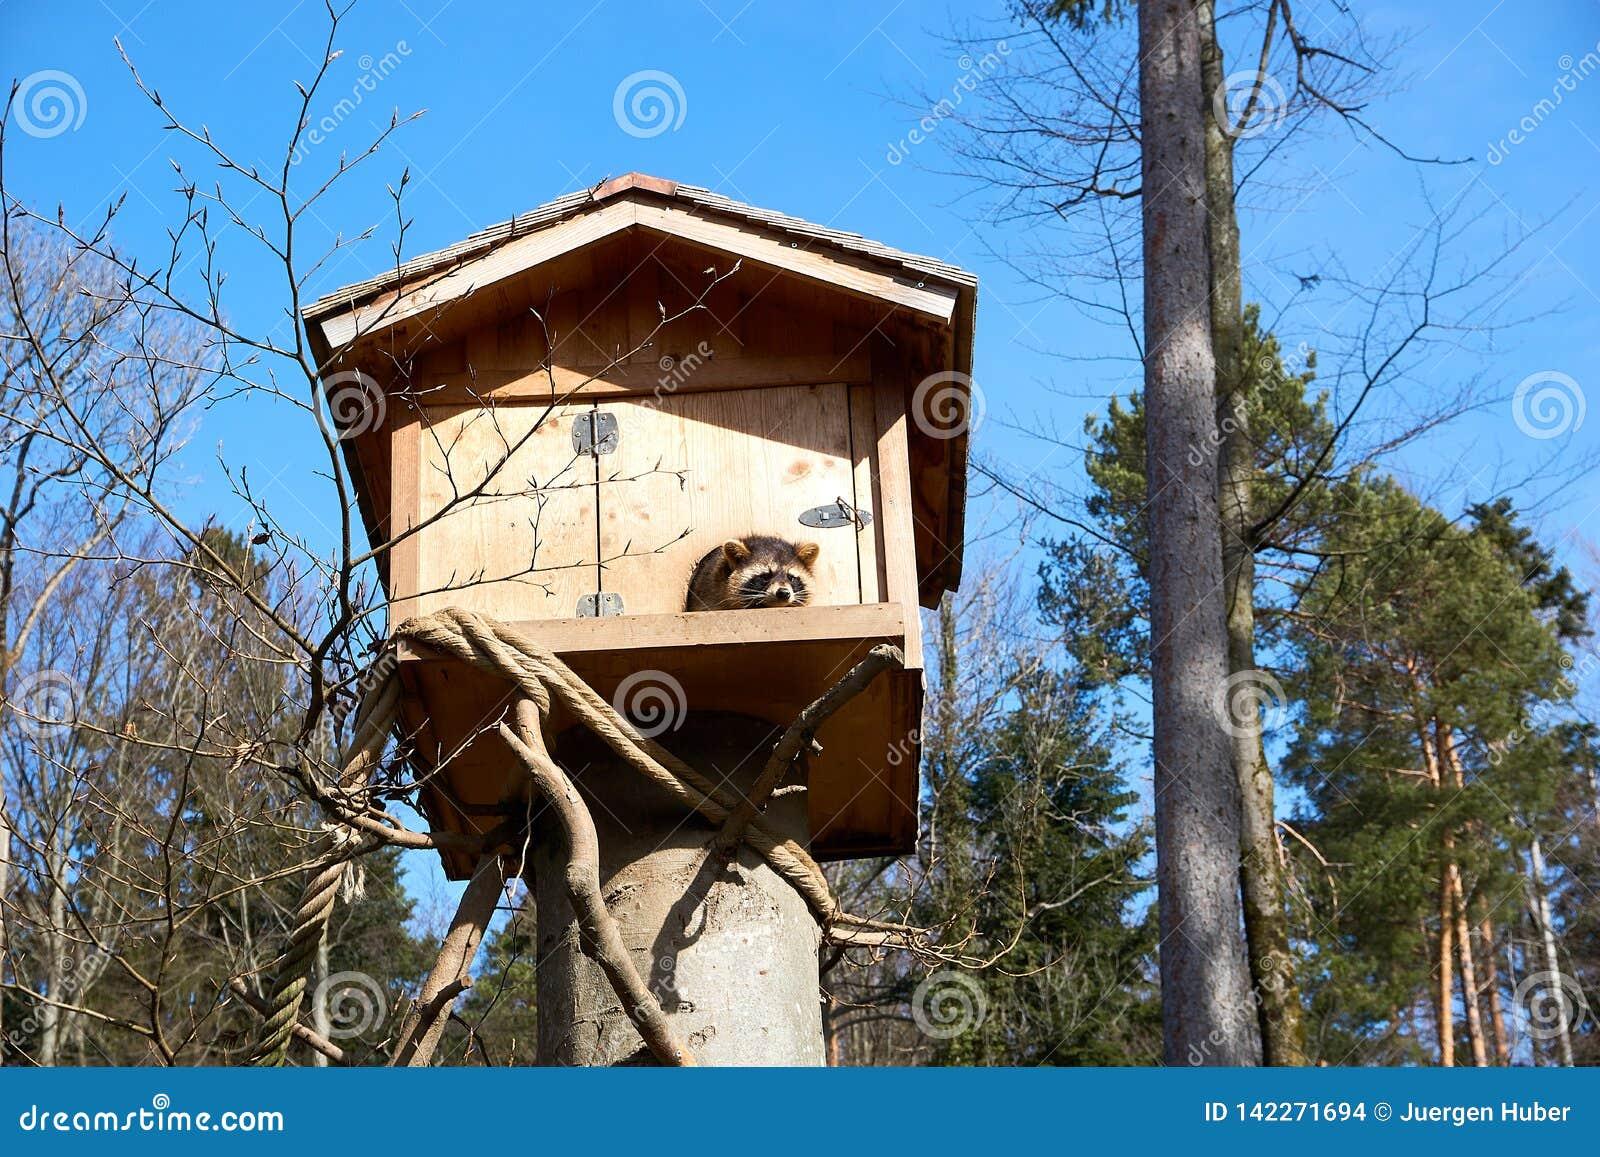 Procione lavatore nella sua casa di legno in Europa